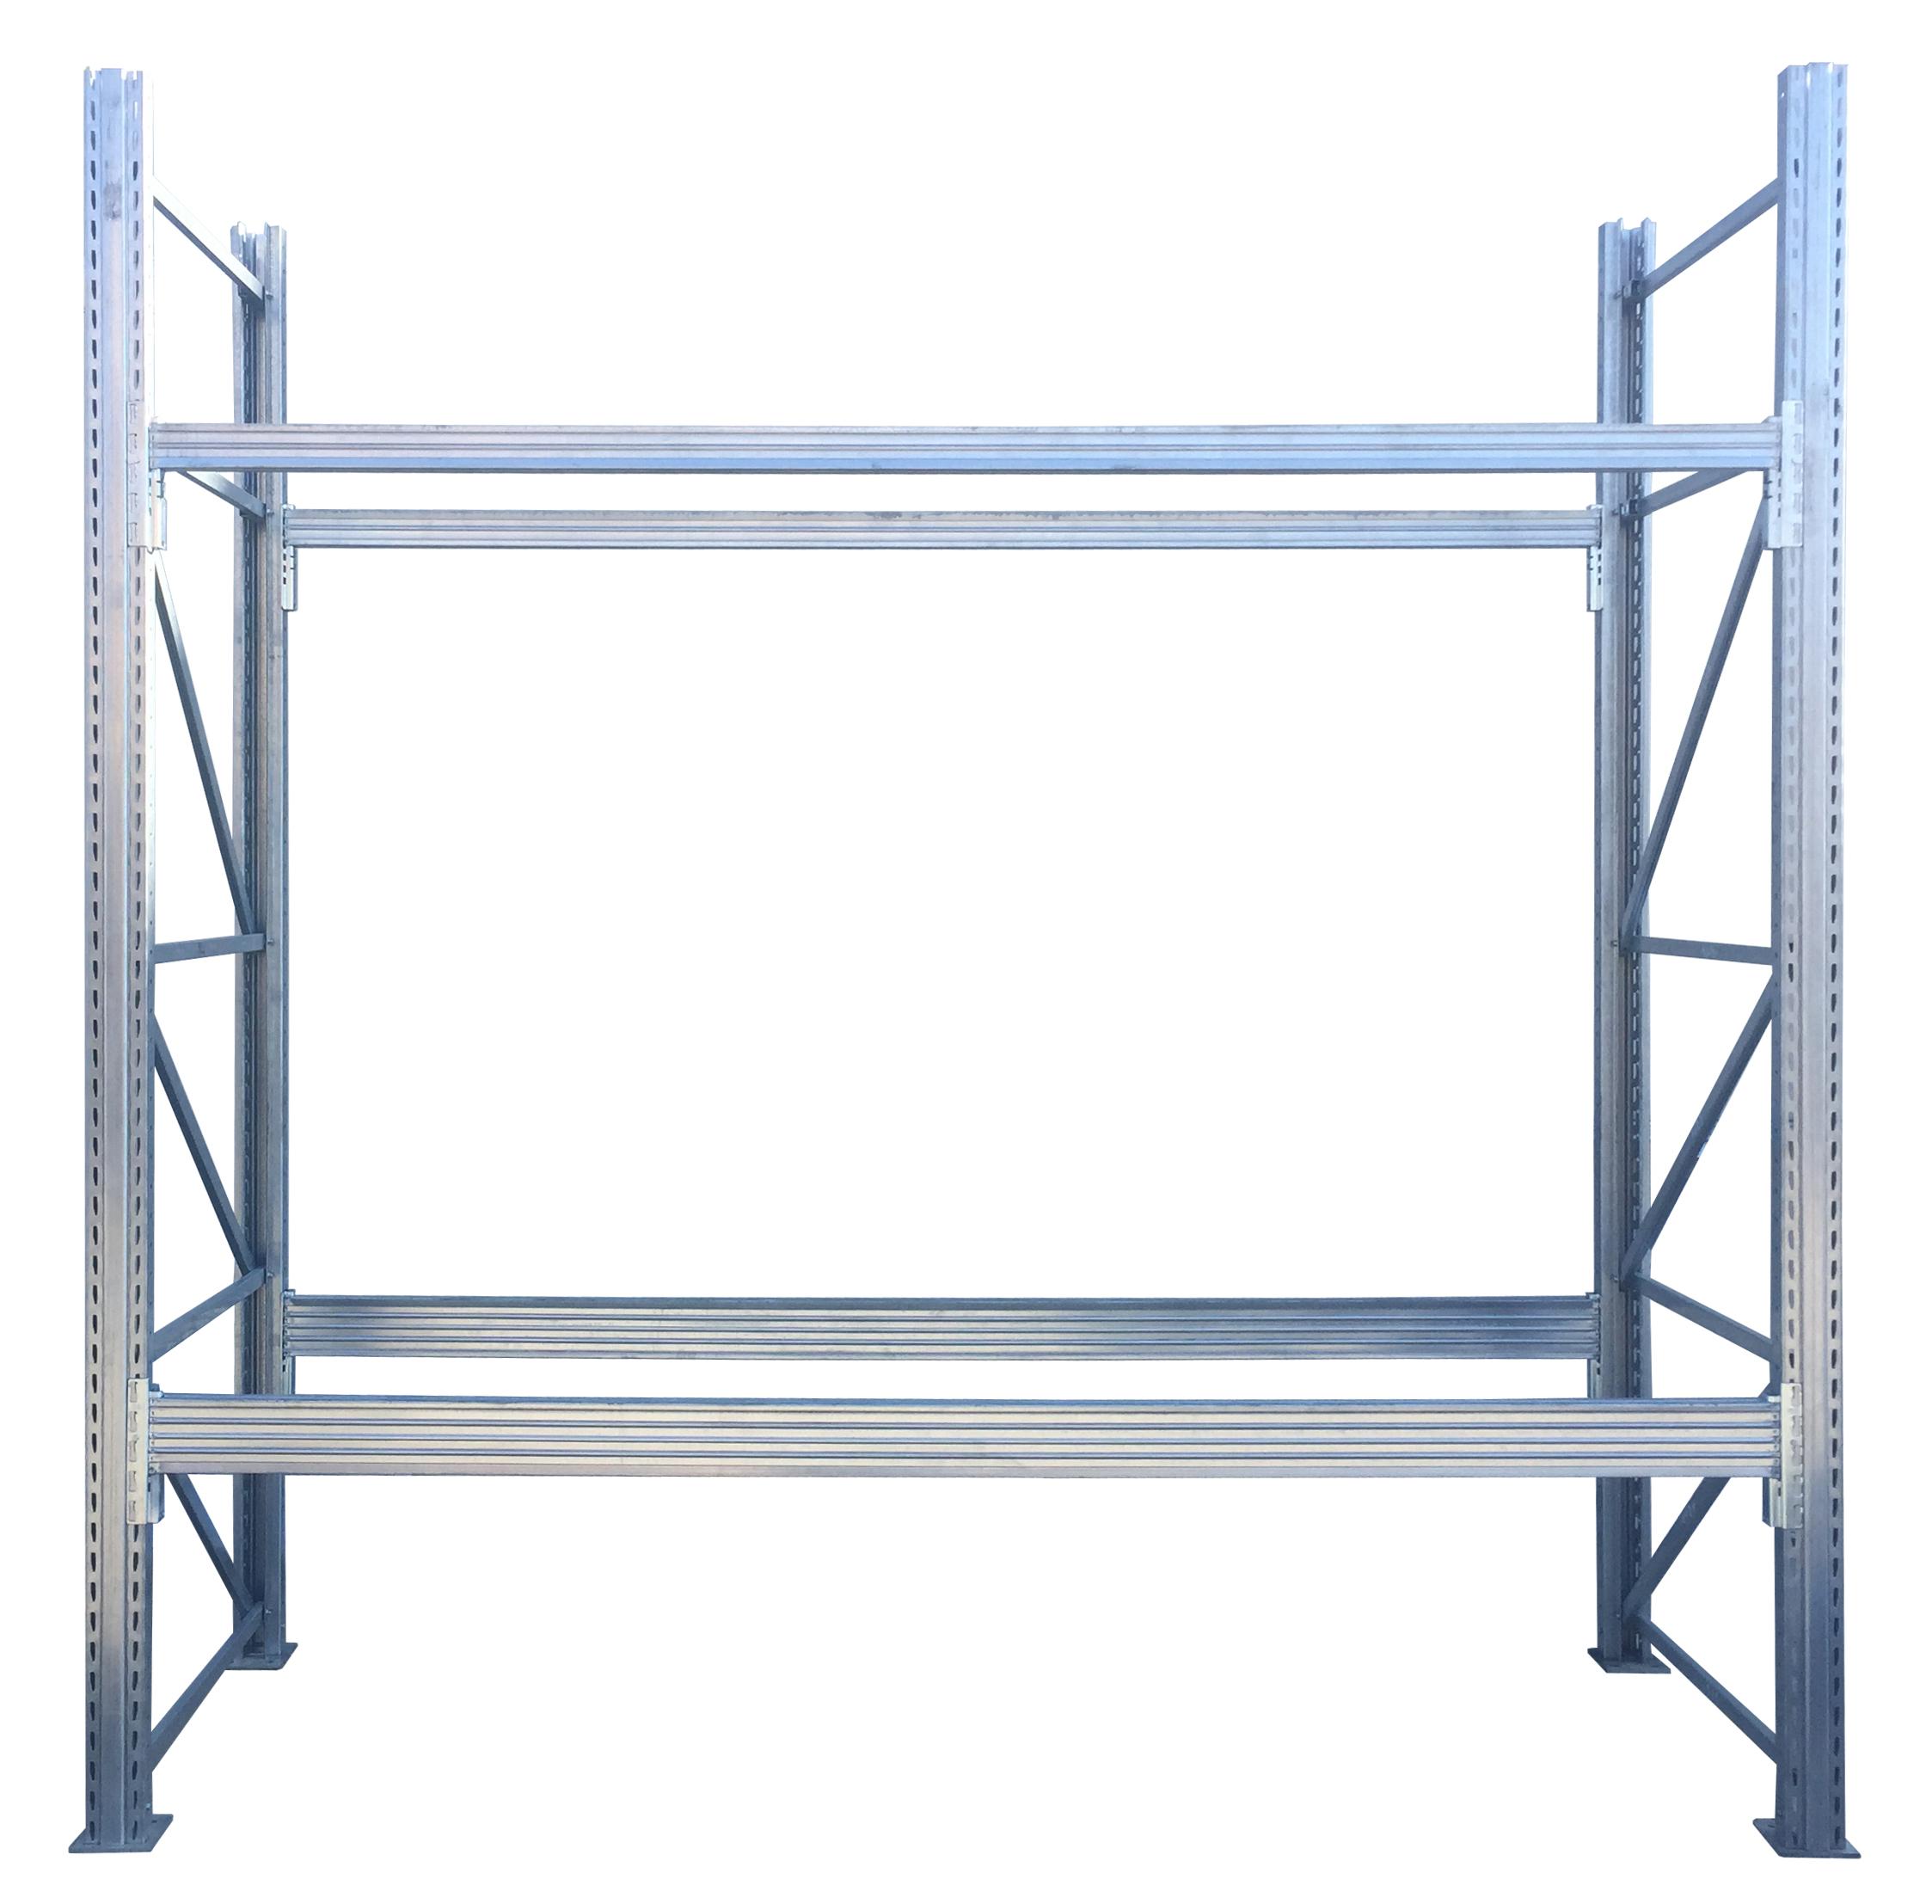 Scaffalature Porta Pallets.Scaffalature Portapallet H6 L98 420 Posti Pallet Portata 1000kg Bancale